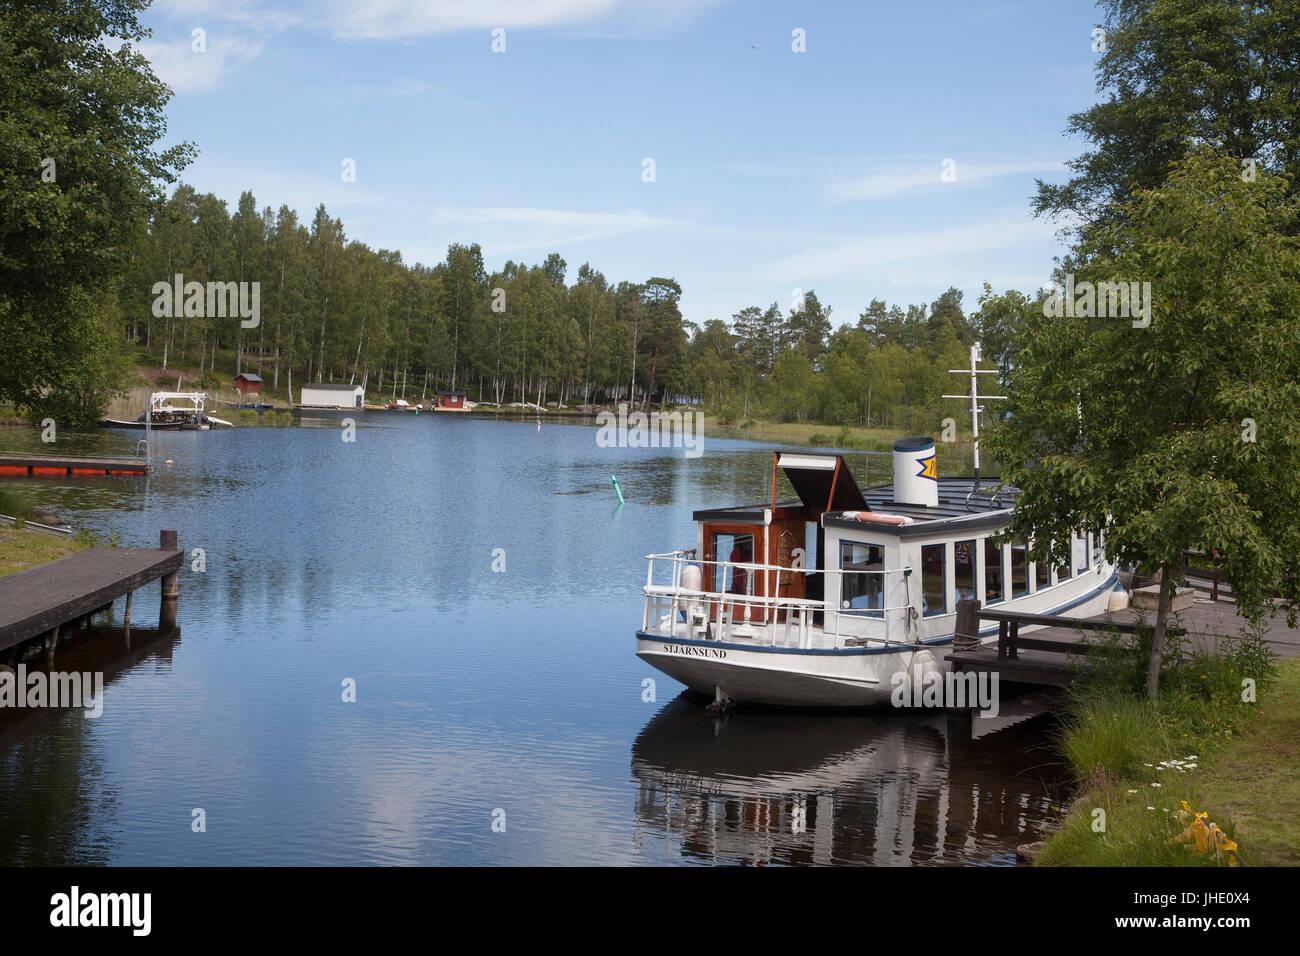 STJÄRNSUND industrial community in Dalarna 2017 Old boat at the Village pier - Stock Image